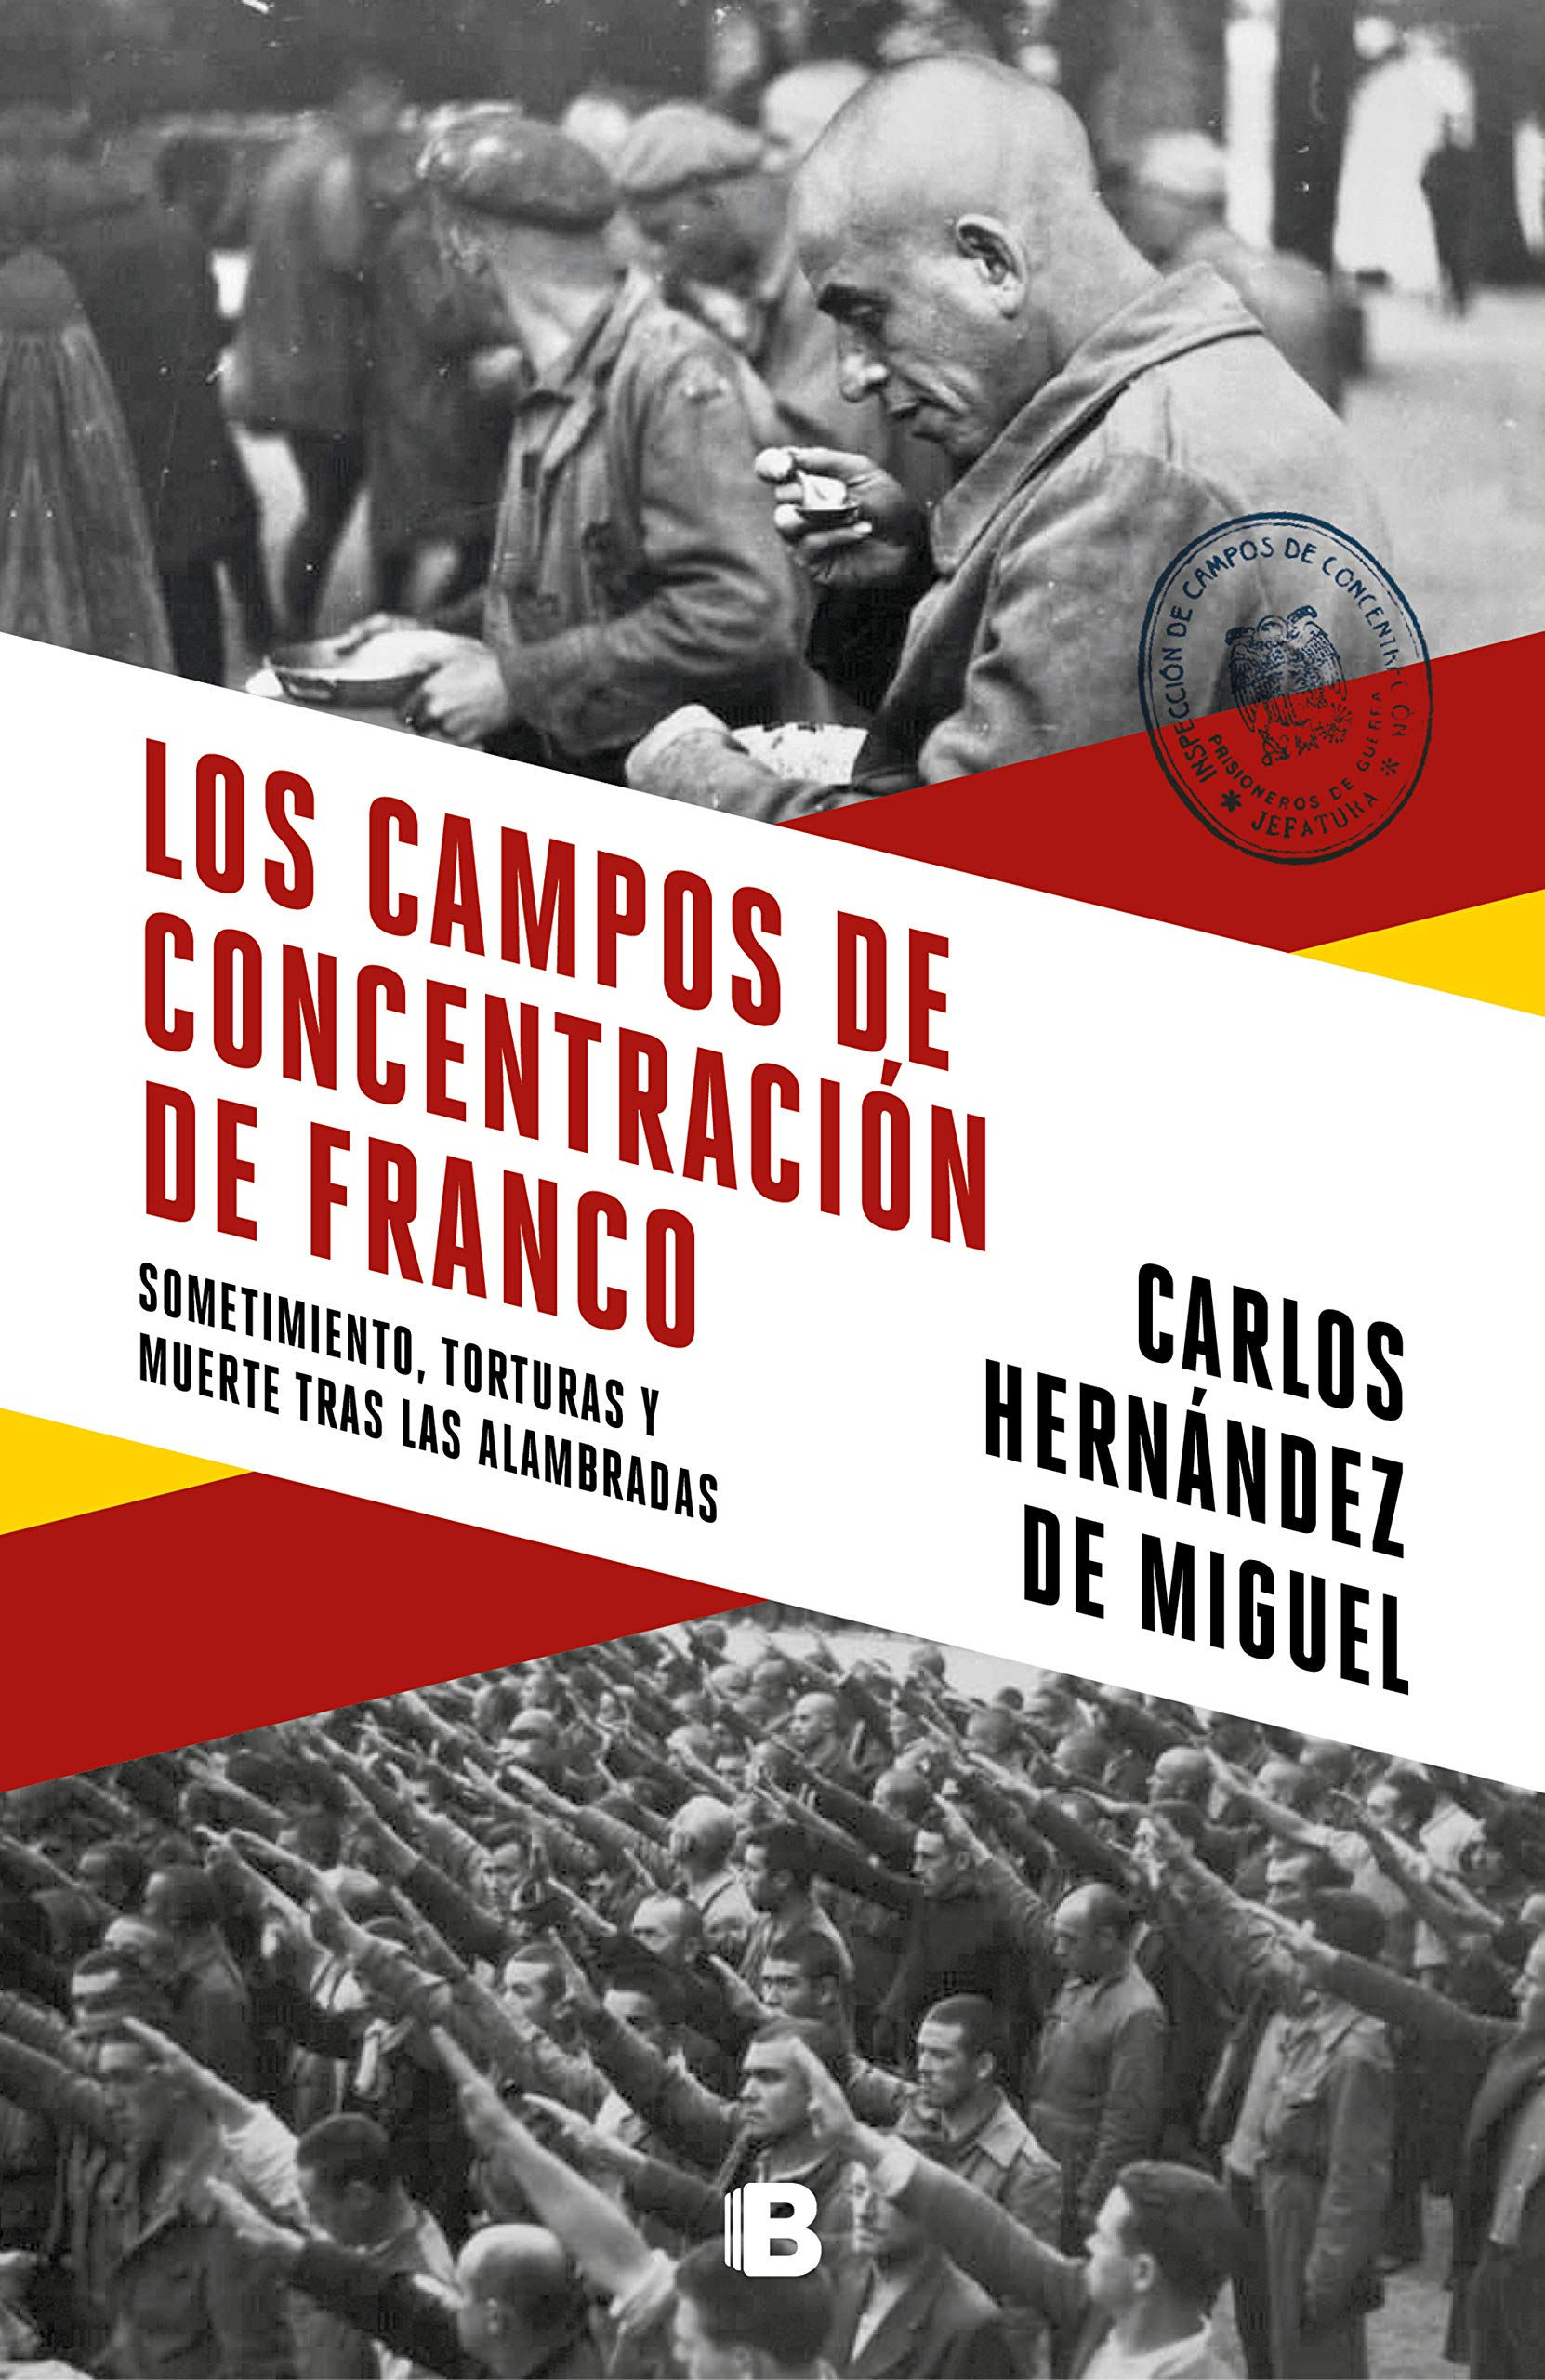 Los campos de concentración de Franco: Sometimiento, torturas y muerte tras las alambradas